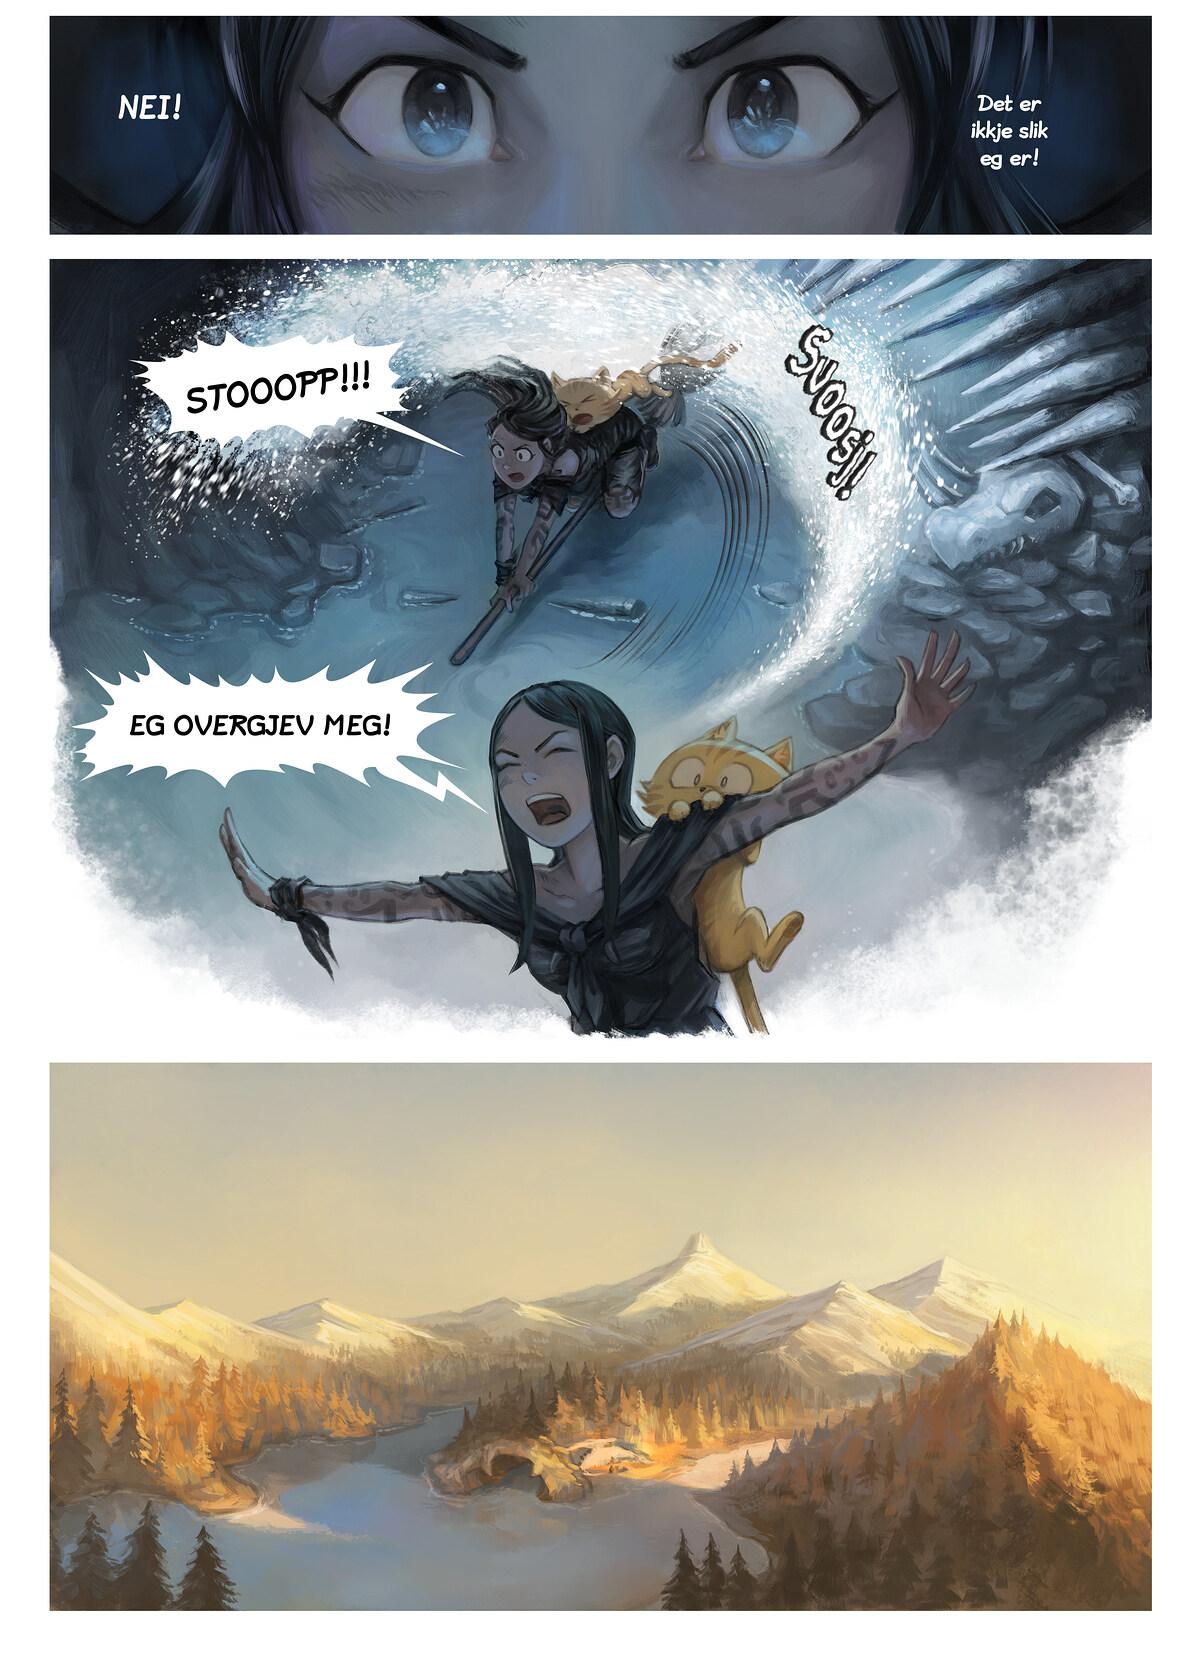 Episode 35: Refleksjonen, Side 9